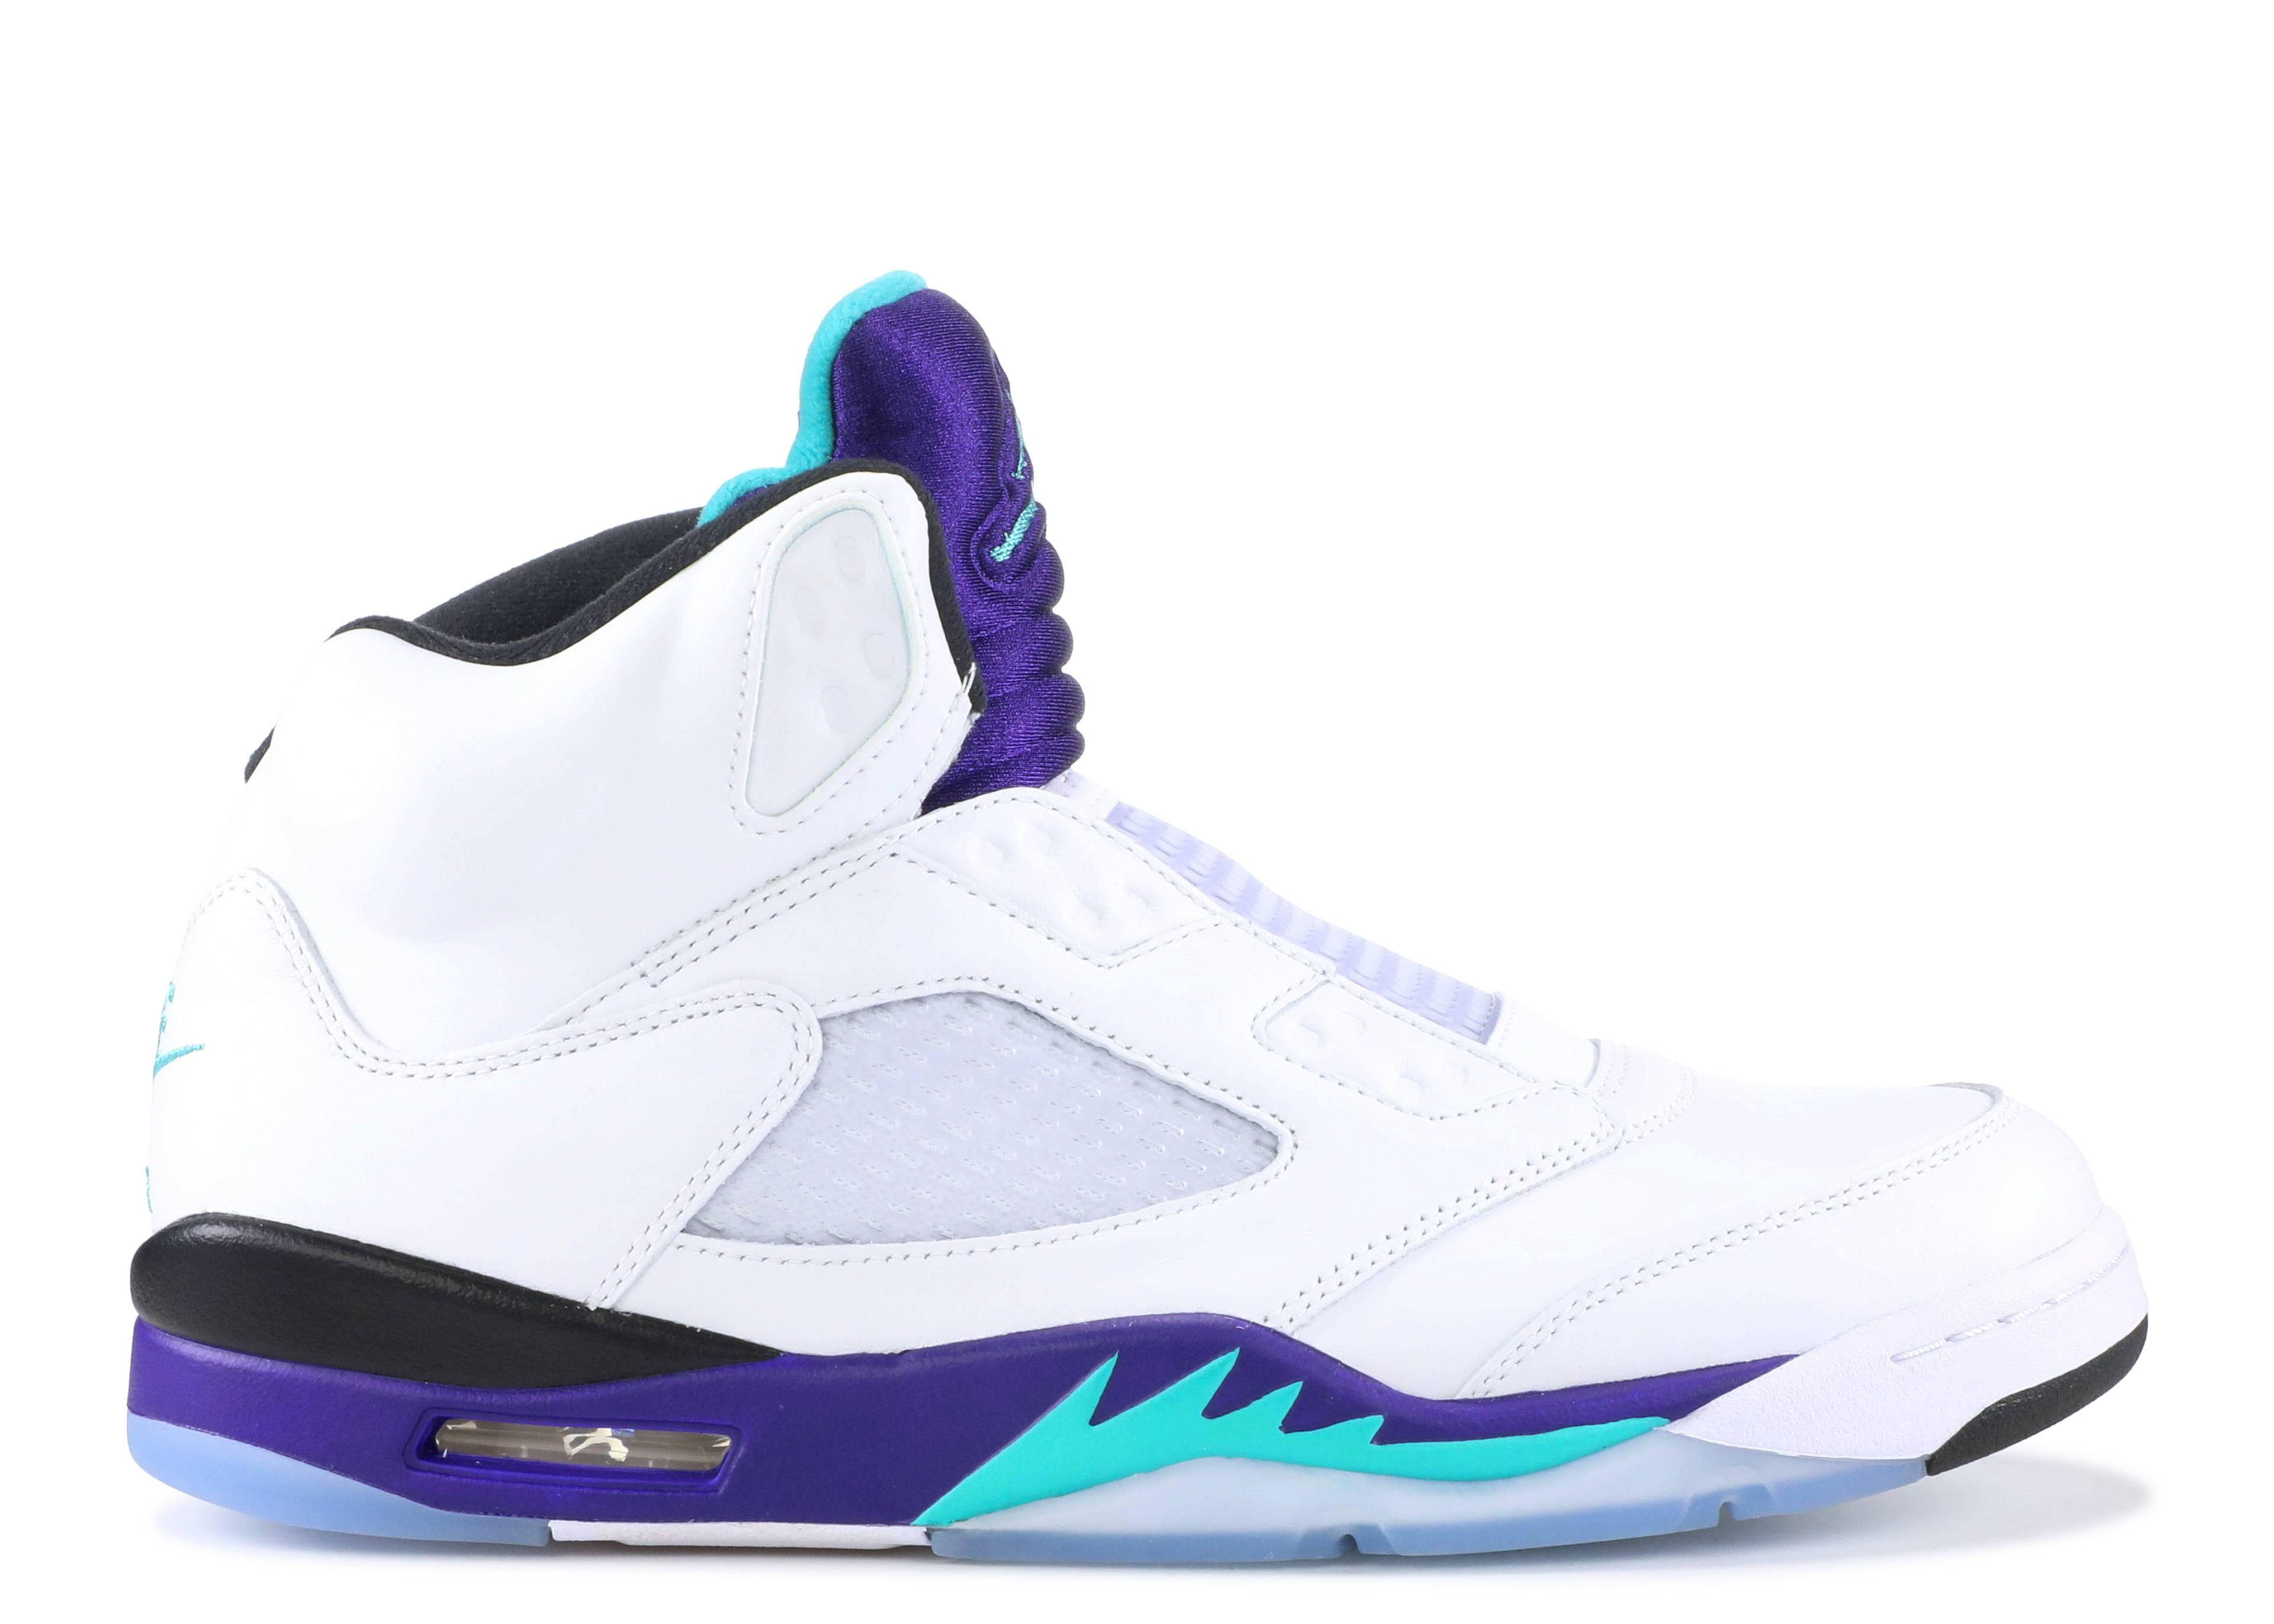 0620e316250 Air Jordan 5 Retro Nrg